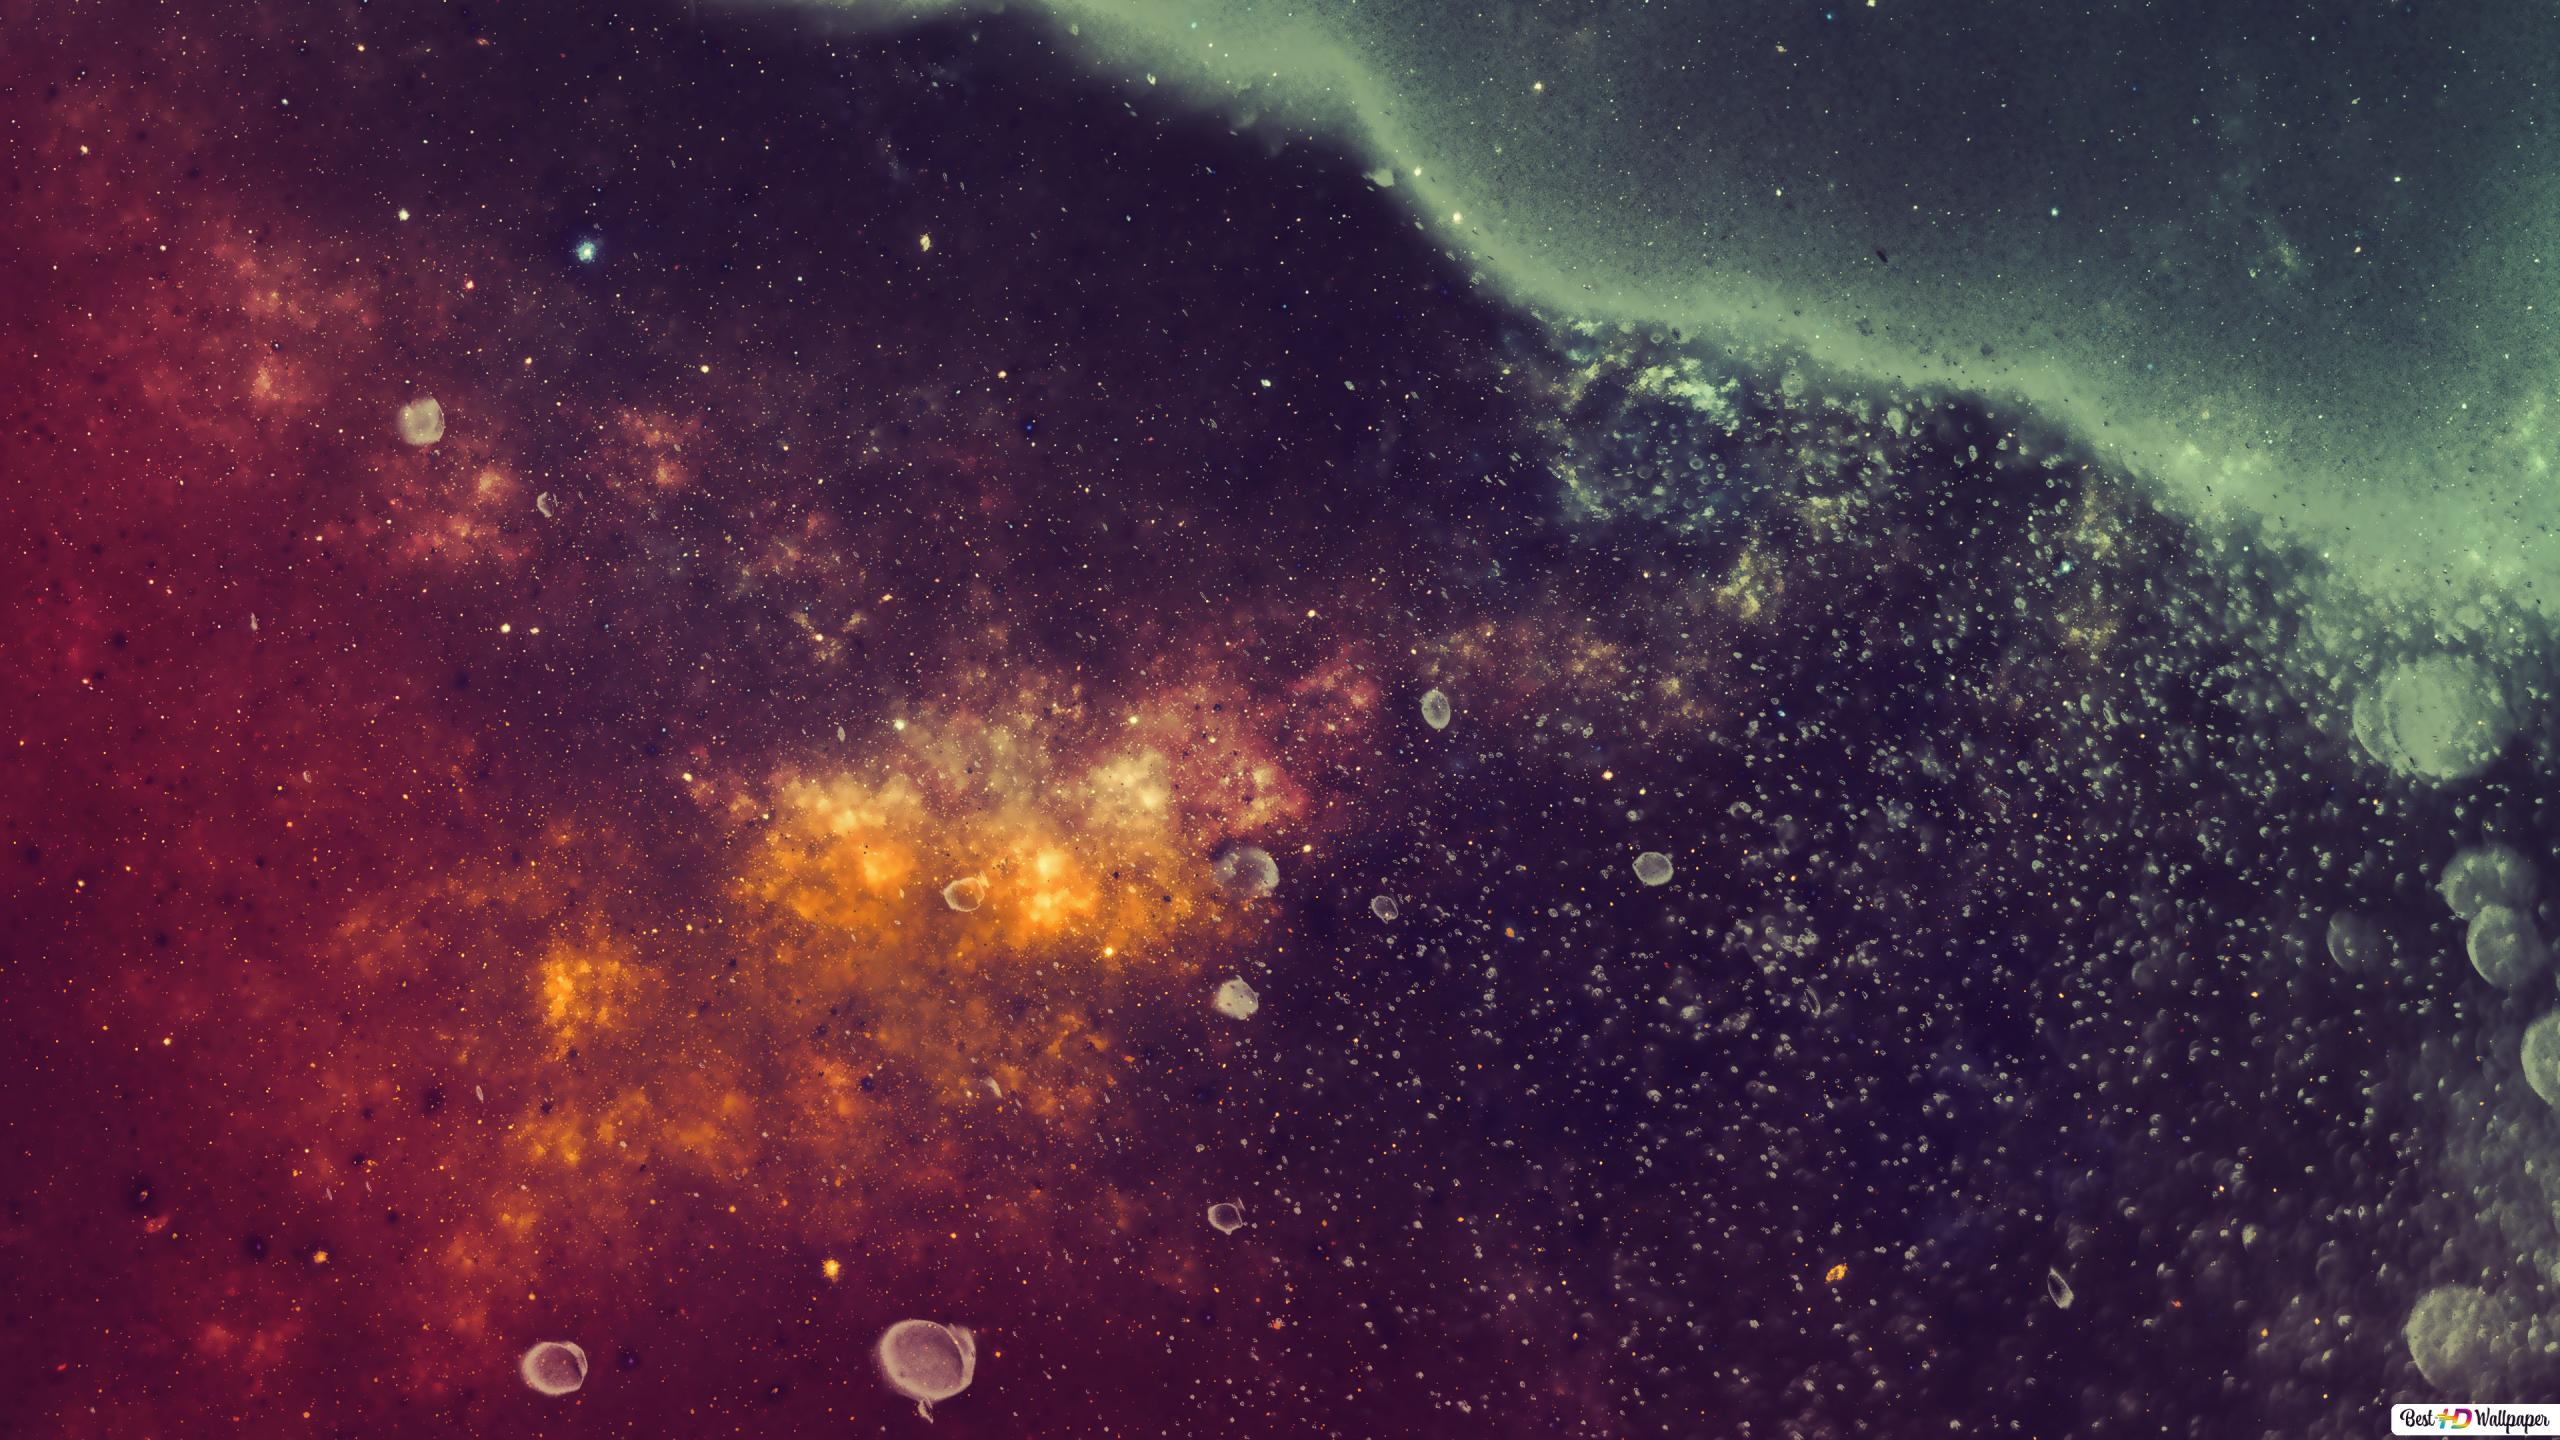 Hd Wallpapers Universe Space Planet Universe Digital Art Landscape